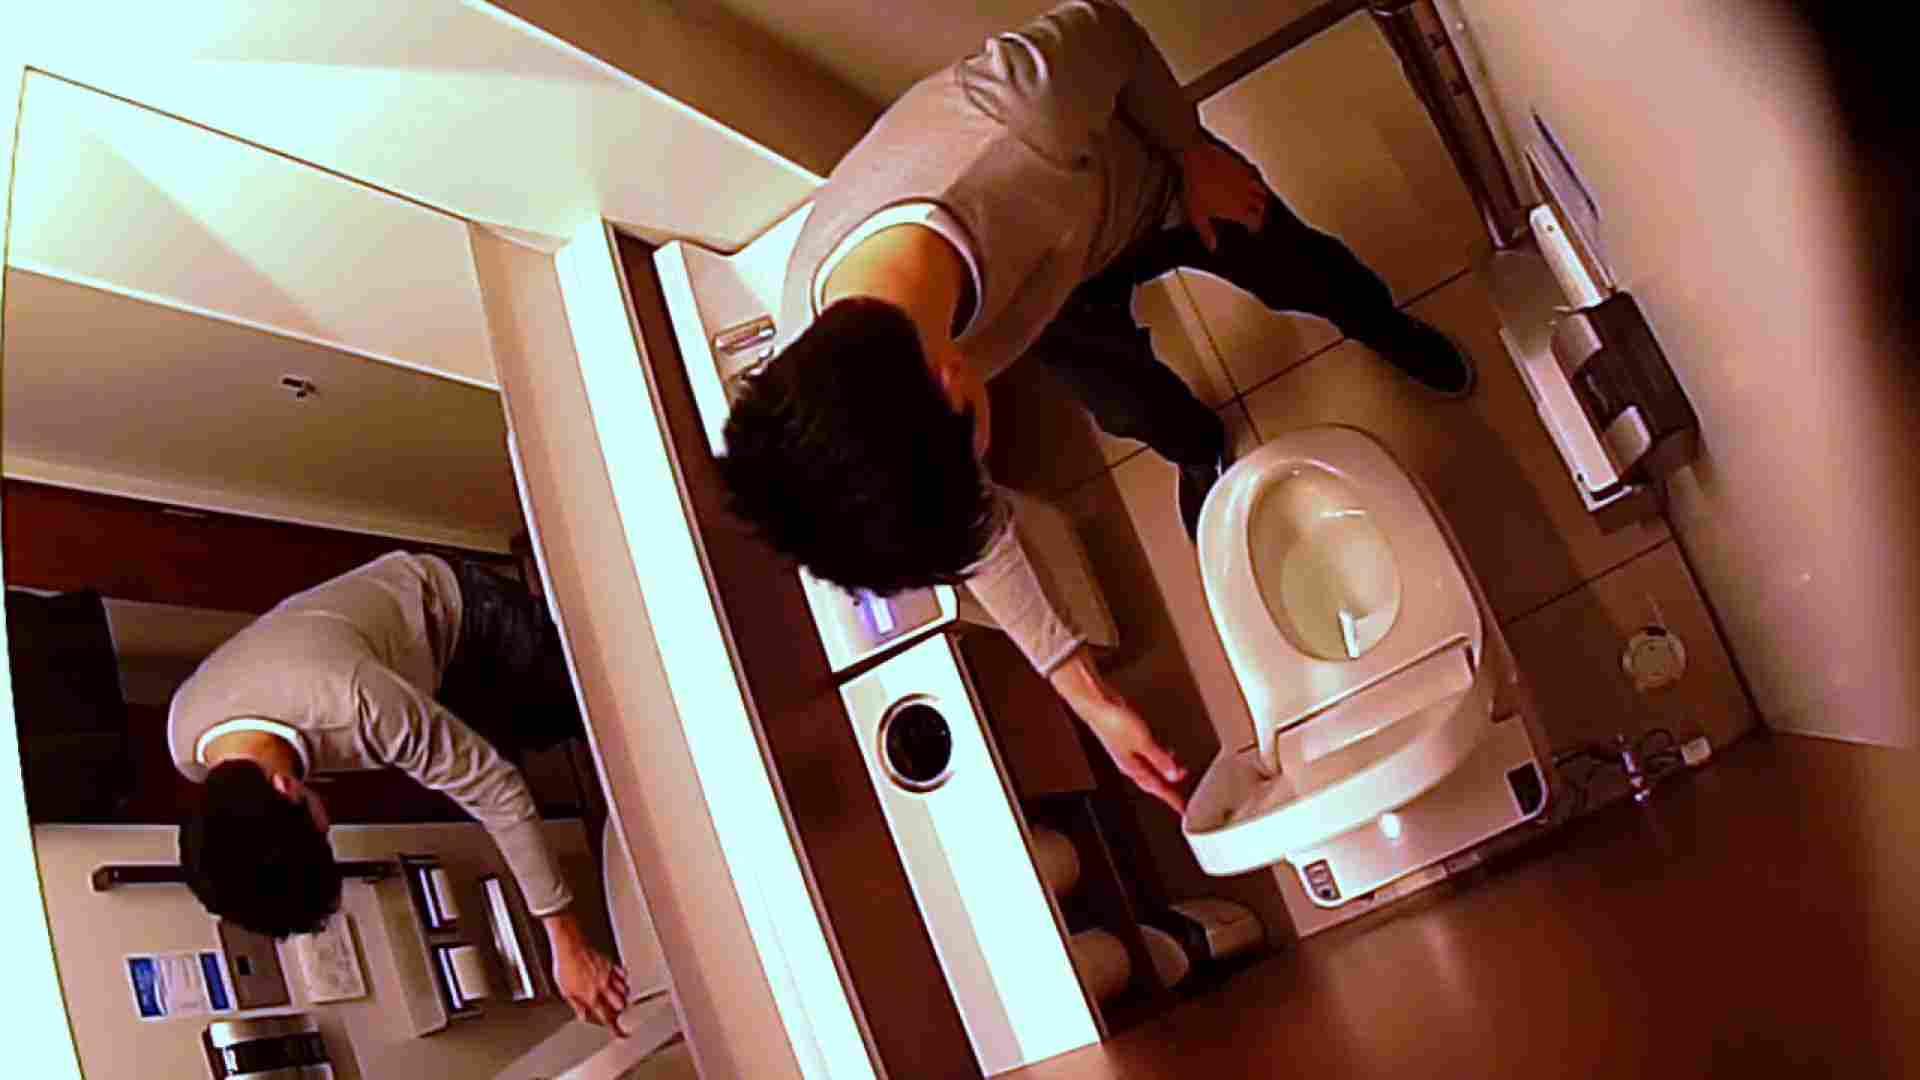 すみませんが覗かせてください Vol.30 トイレ | 0  100連発 93